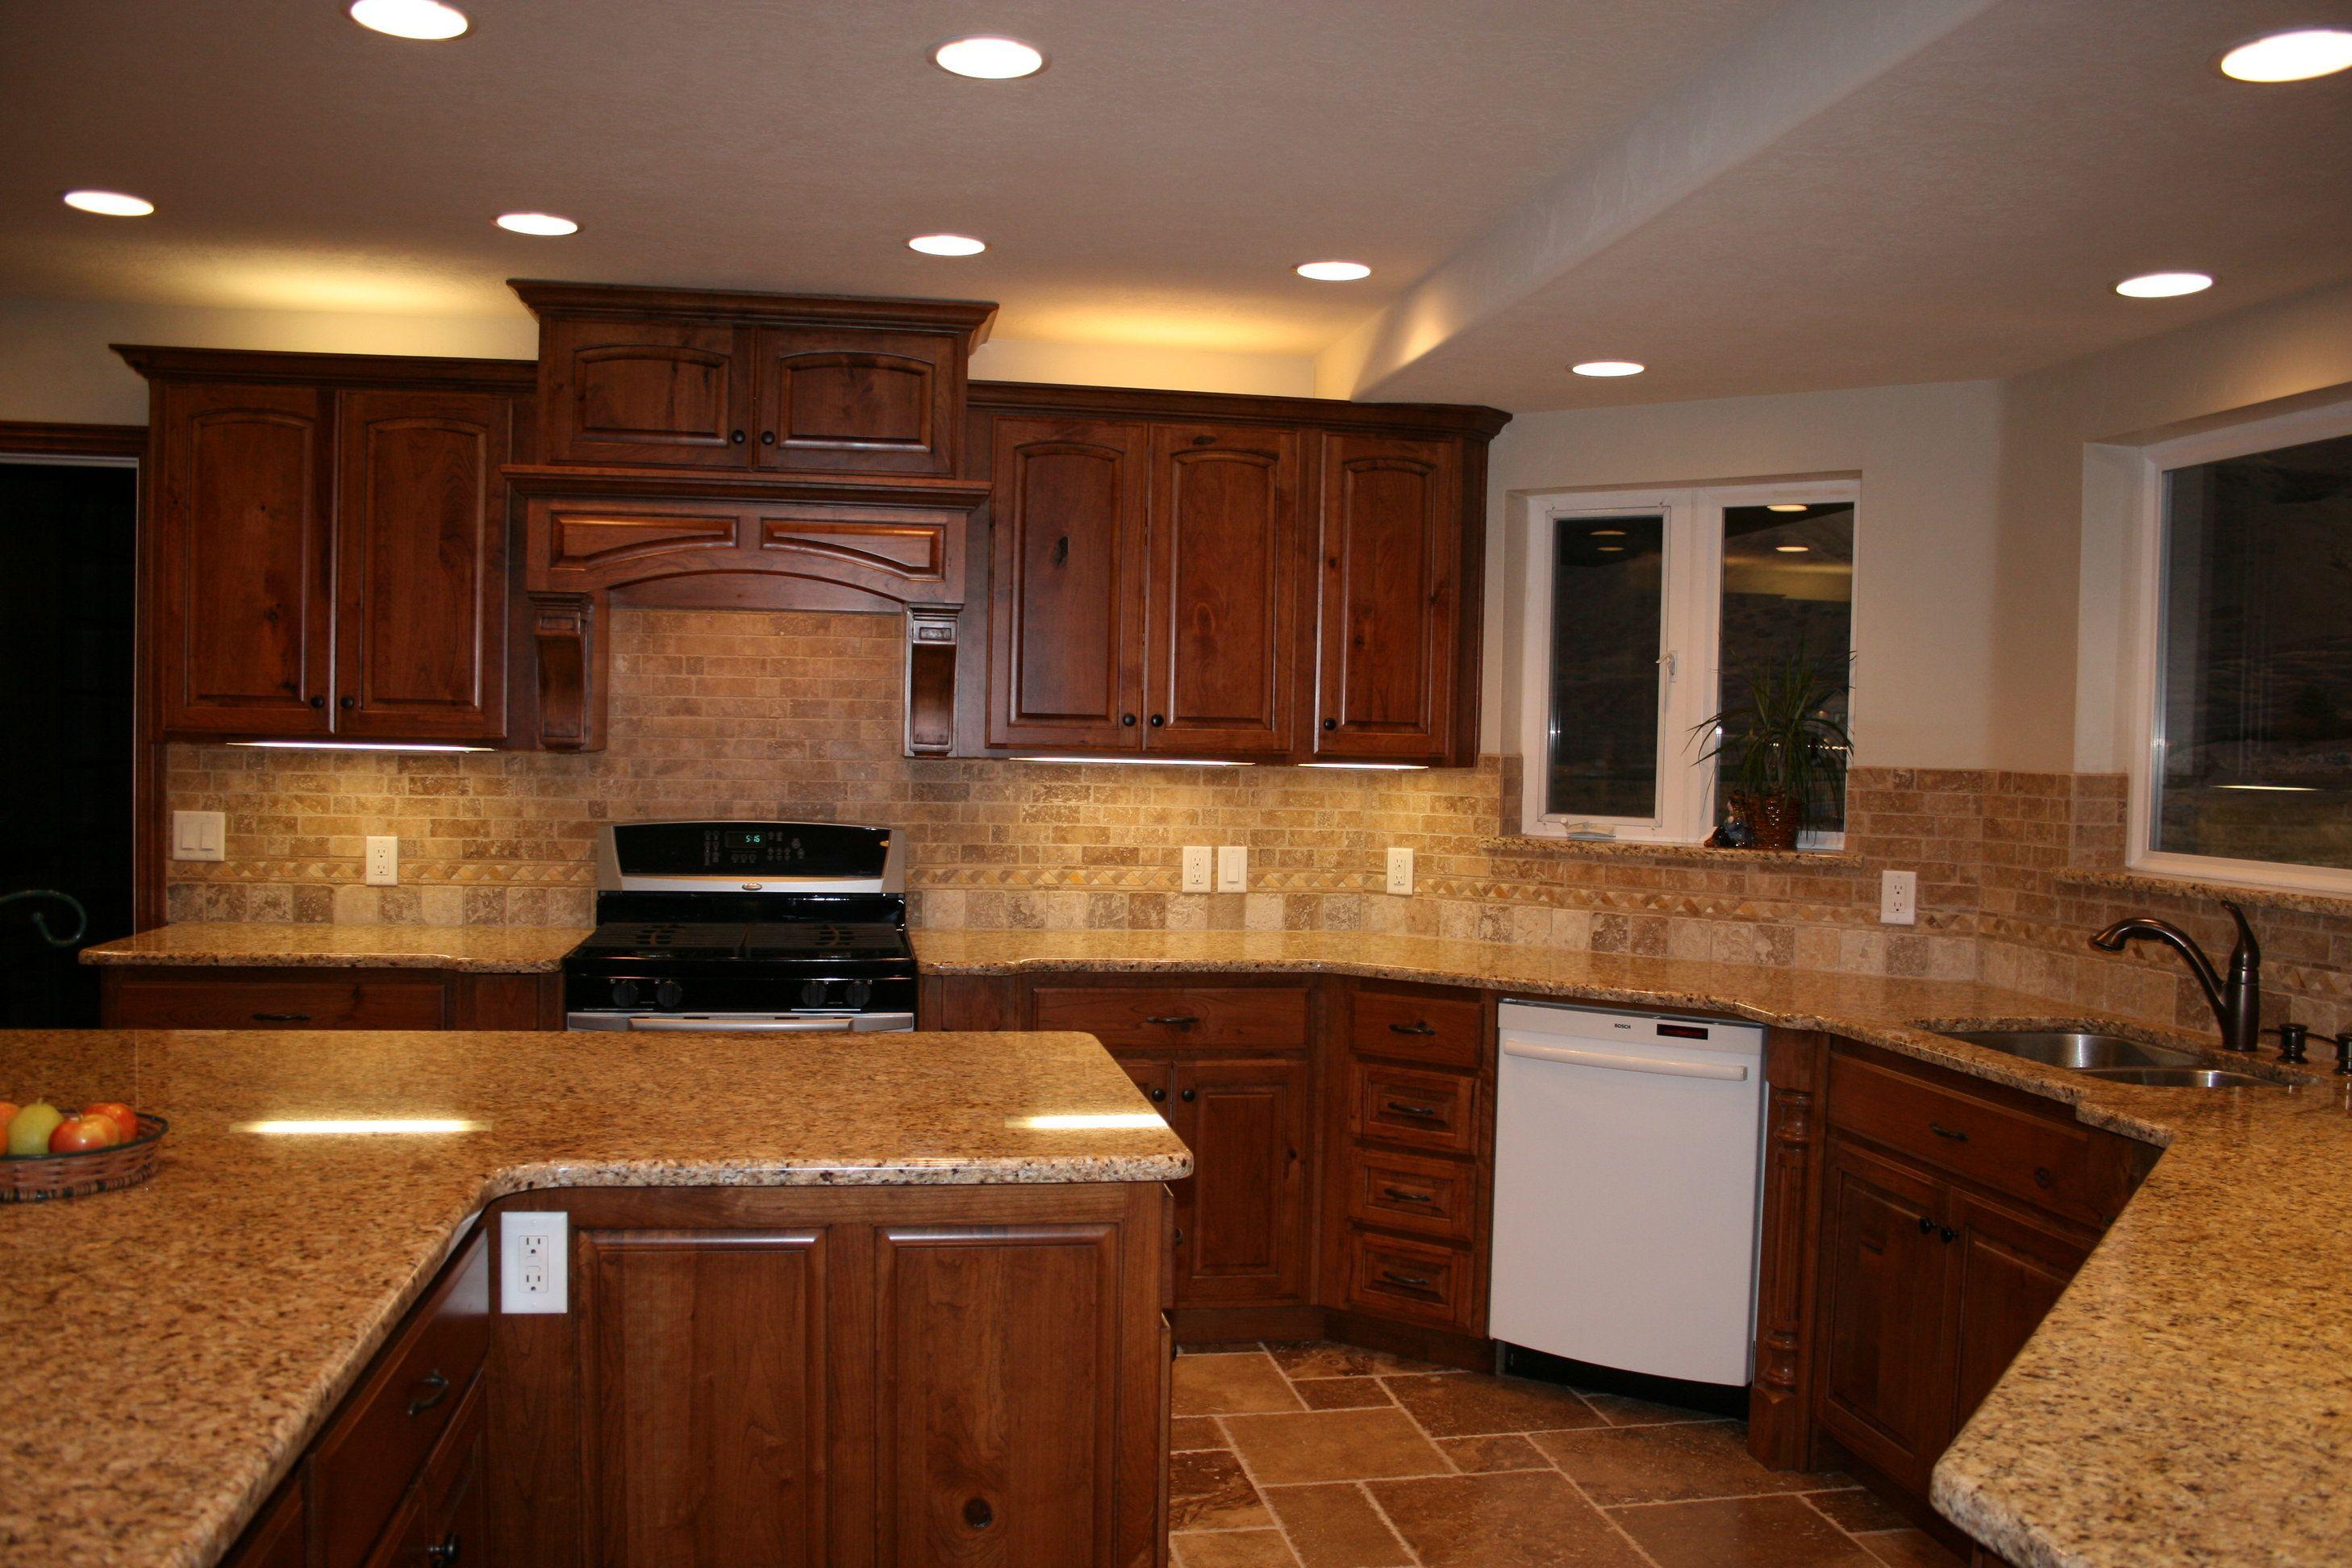 Kitchen The Stunning Kitchen Design With Kitchen Backsplash Cool Cherry Kitchen Design Design Decoration